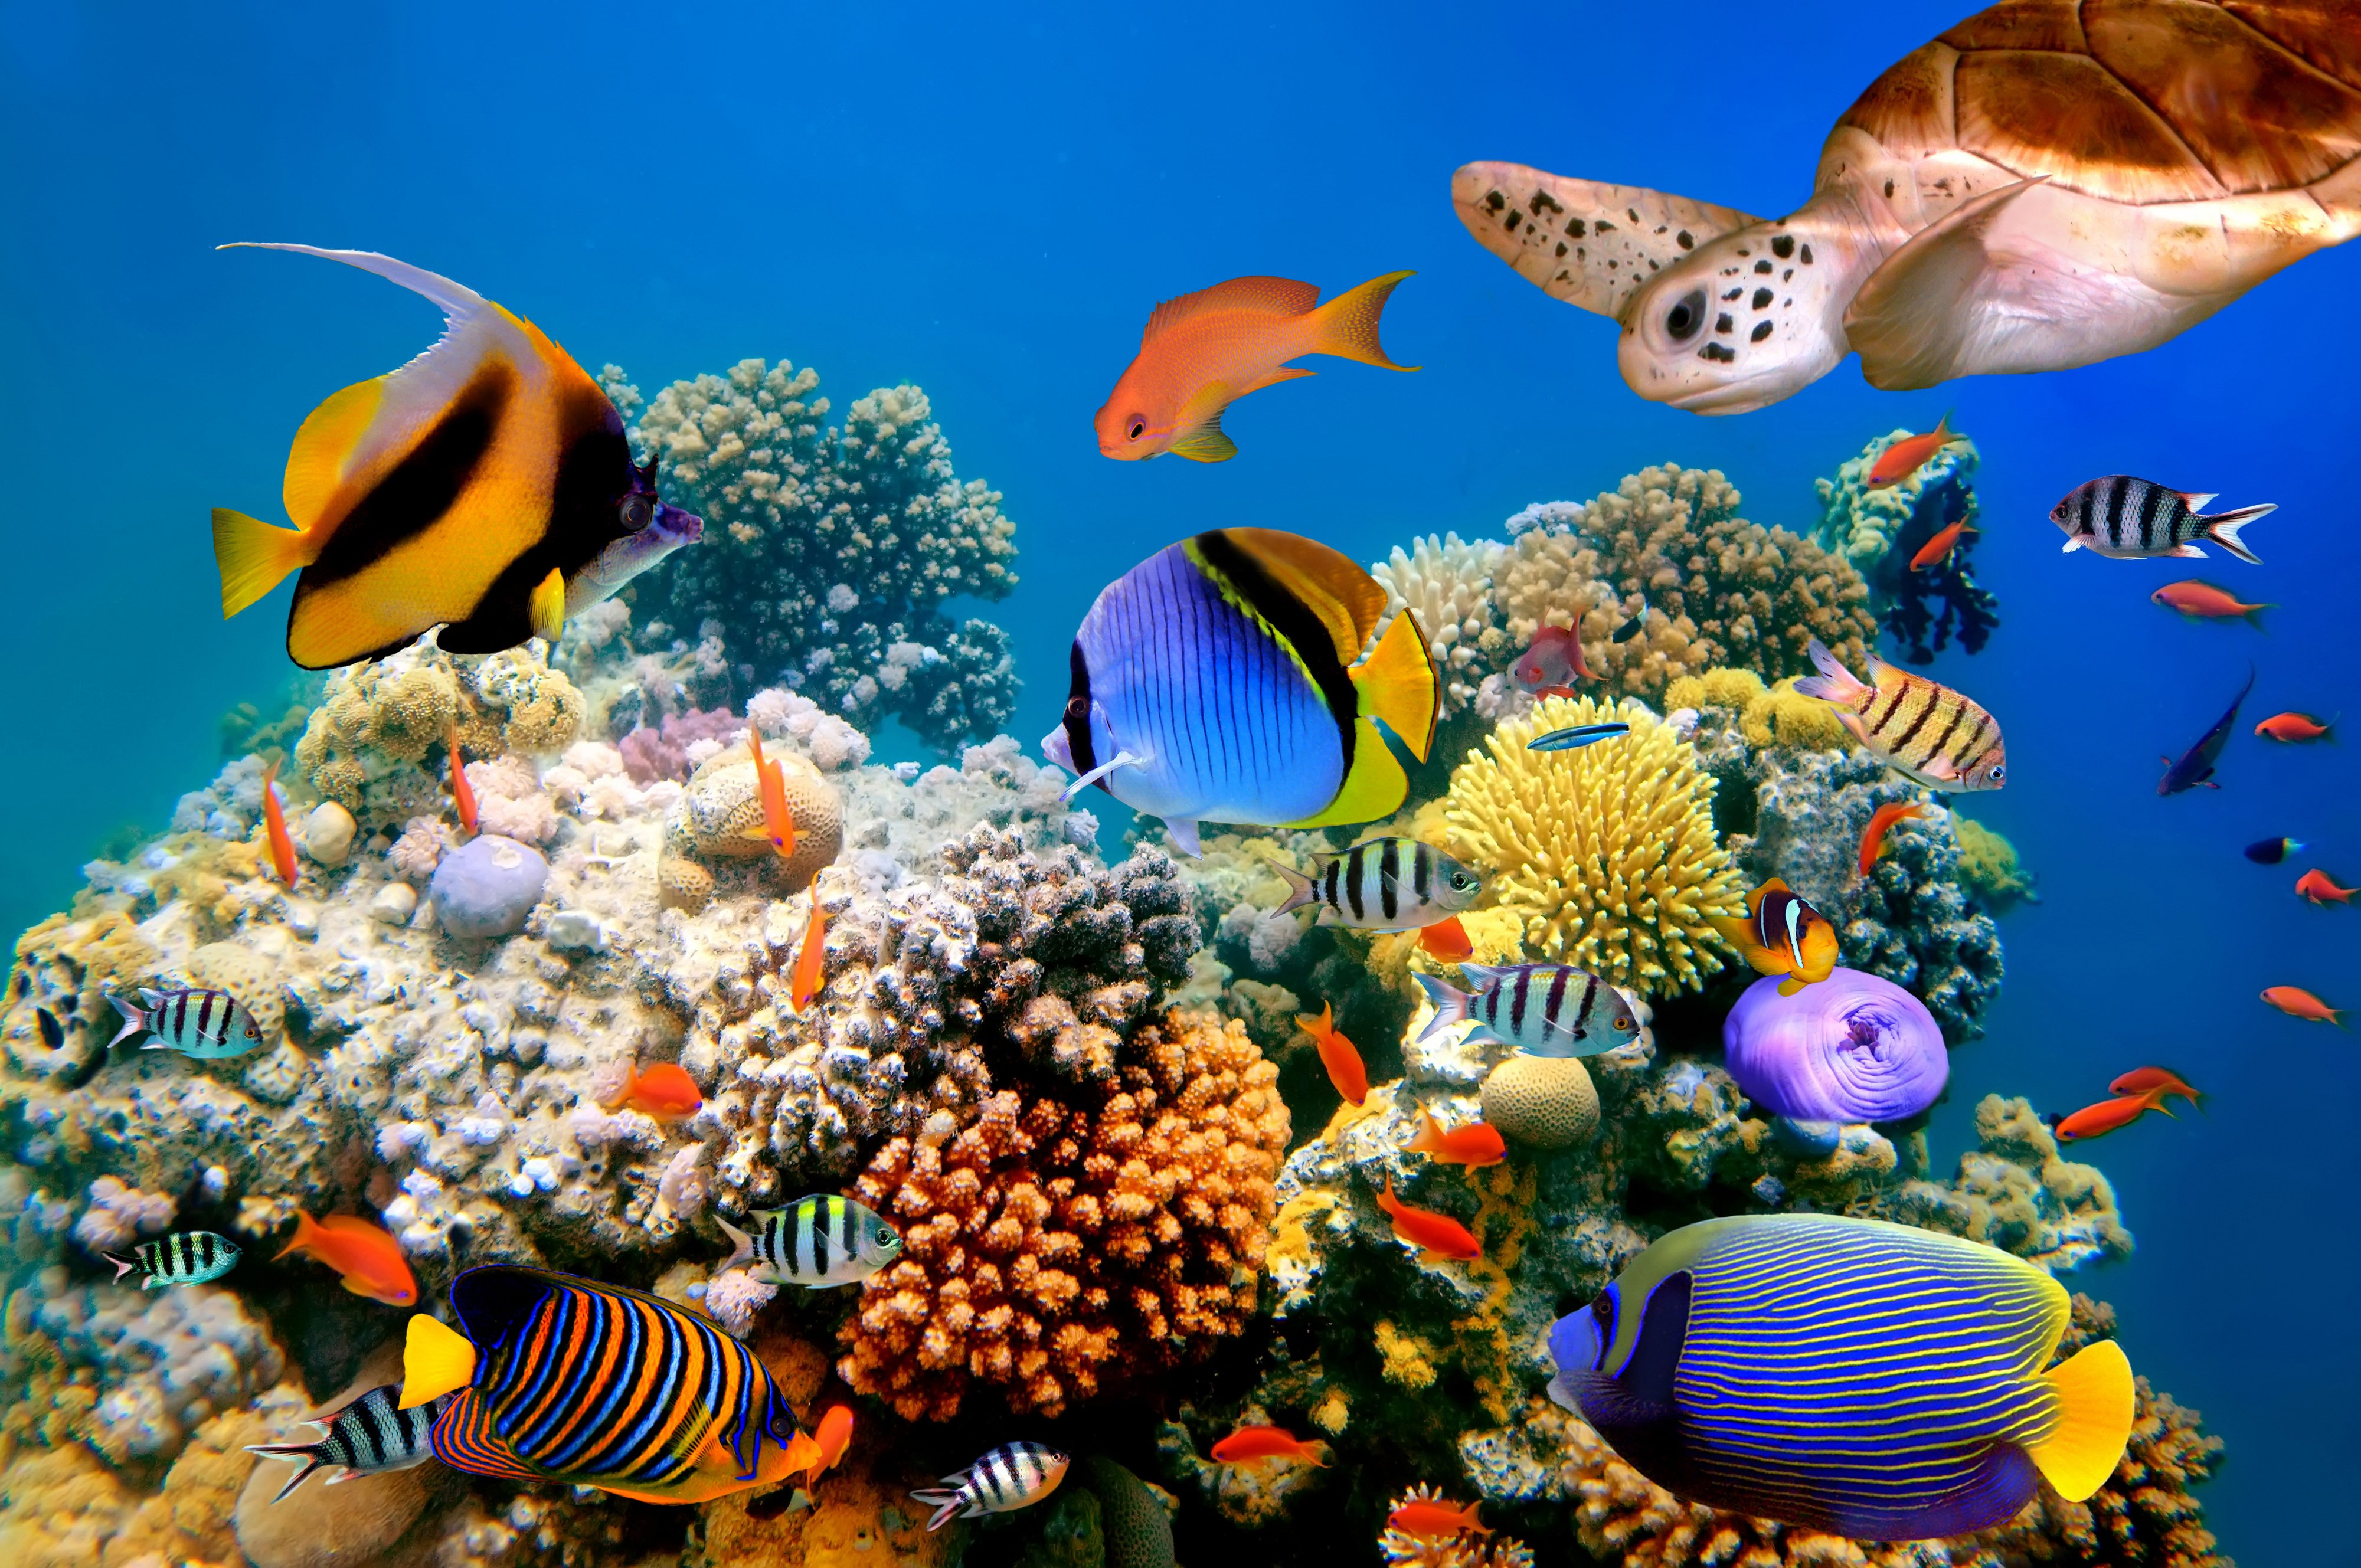 Widescreen Desktop Reef Fish Wallpaper - WallpaperSafari